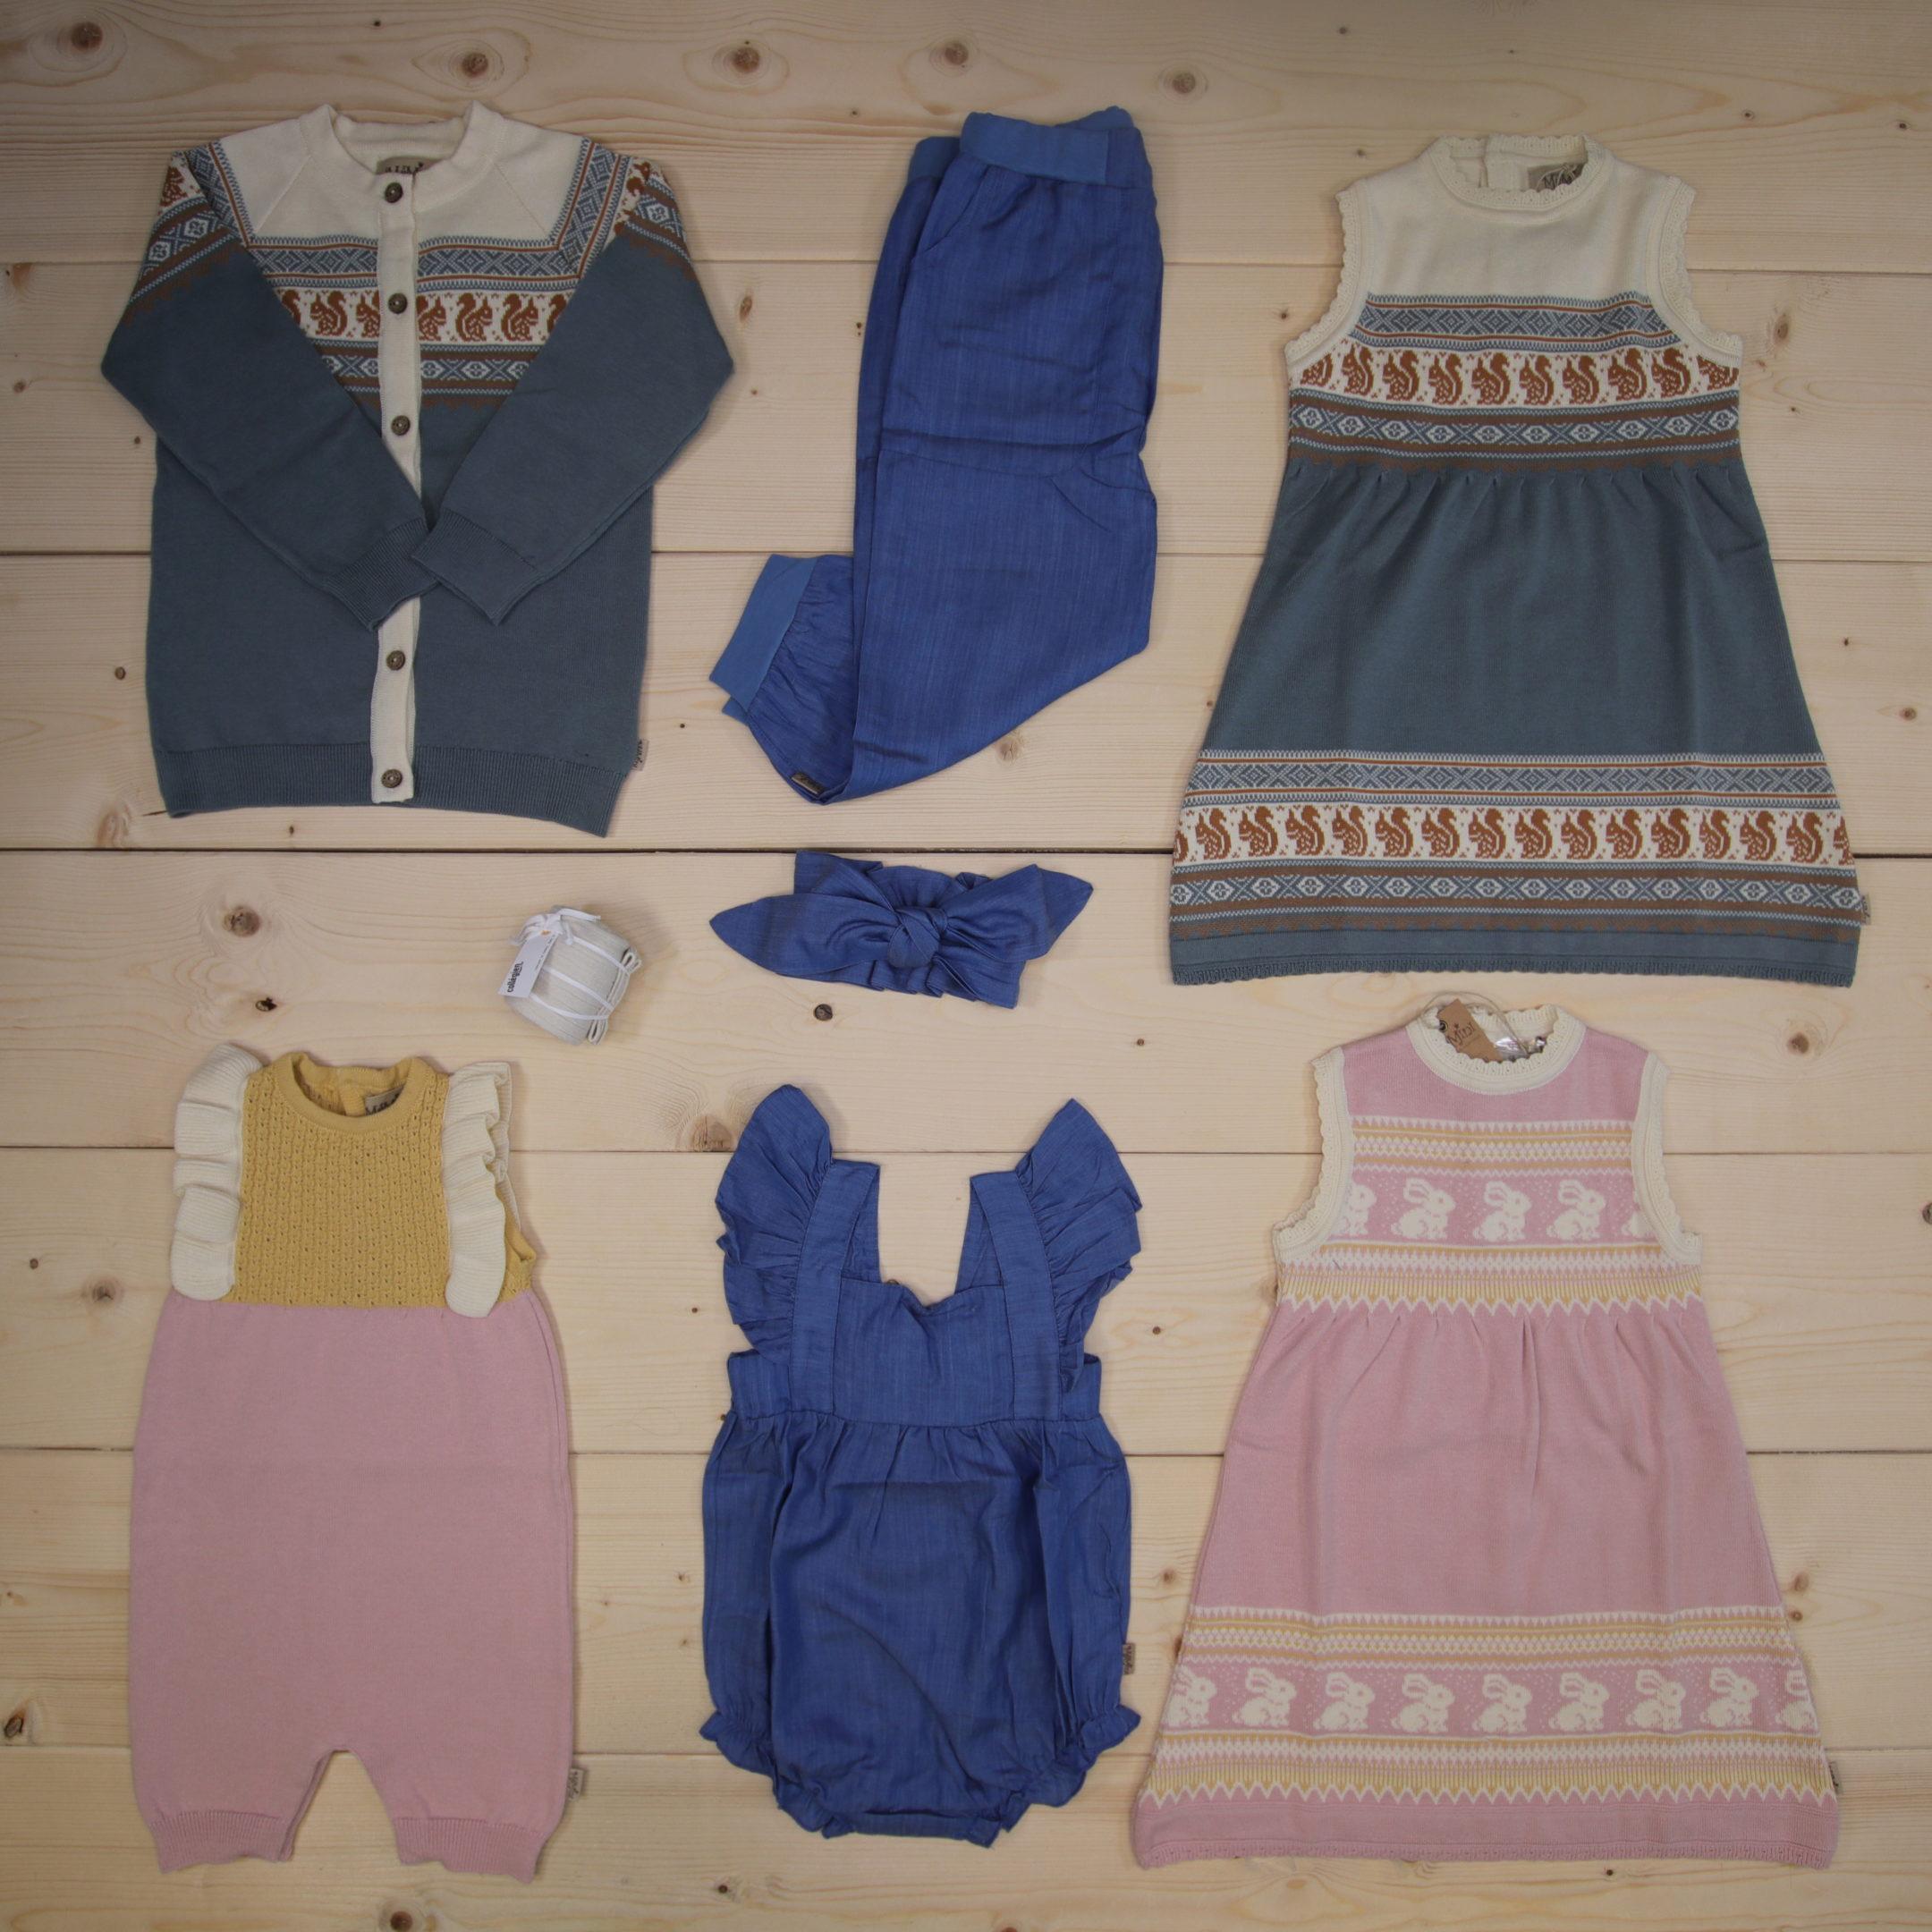 NEW: Look at this cute clothing from ss20 MeMini 💗💛🐿🐇  #memini@memini.no #ss20  Dette er en 3000 NOK* The Childish Stylist som vi forberedte for en jente i stilen cute i størrelse 92